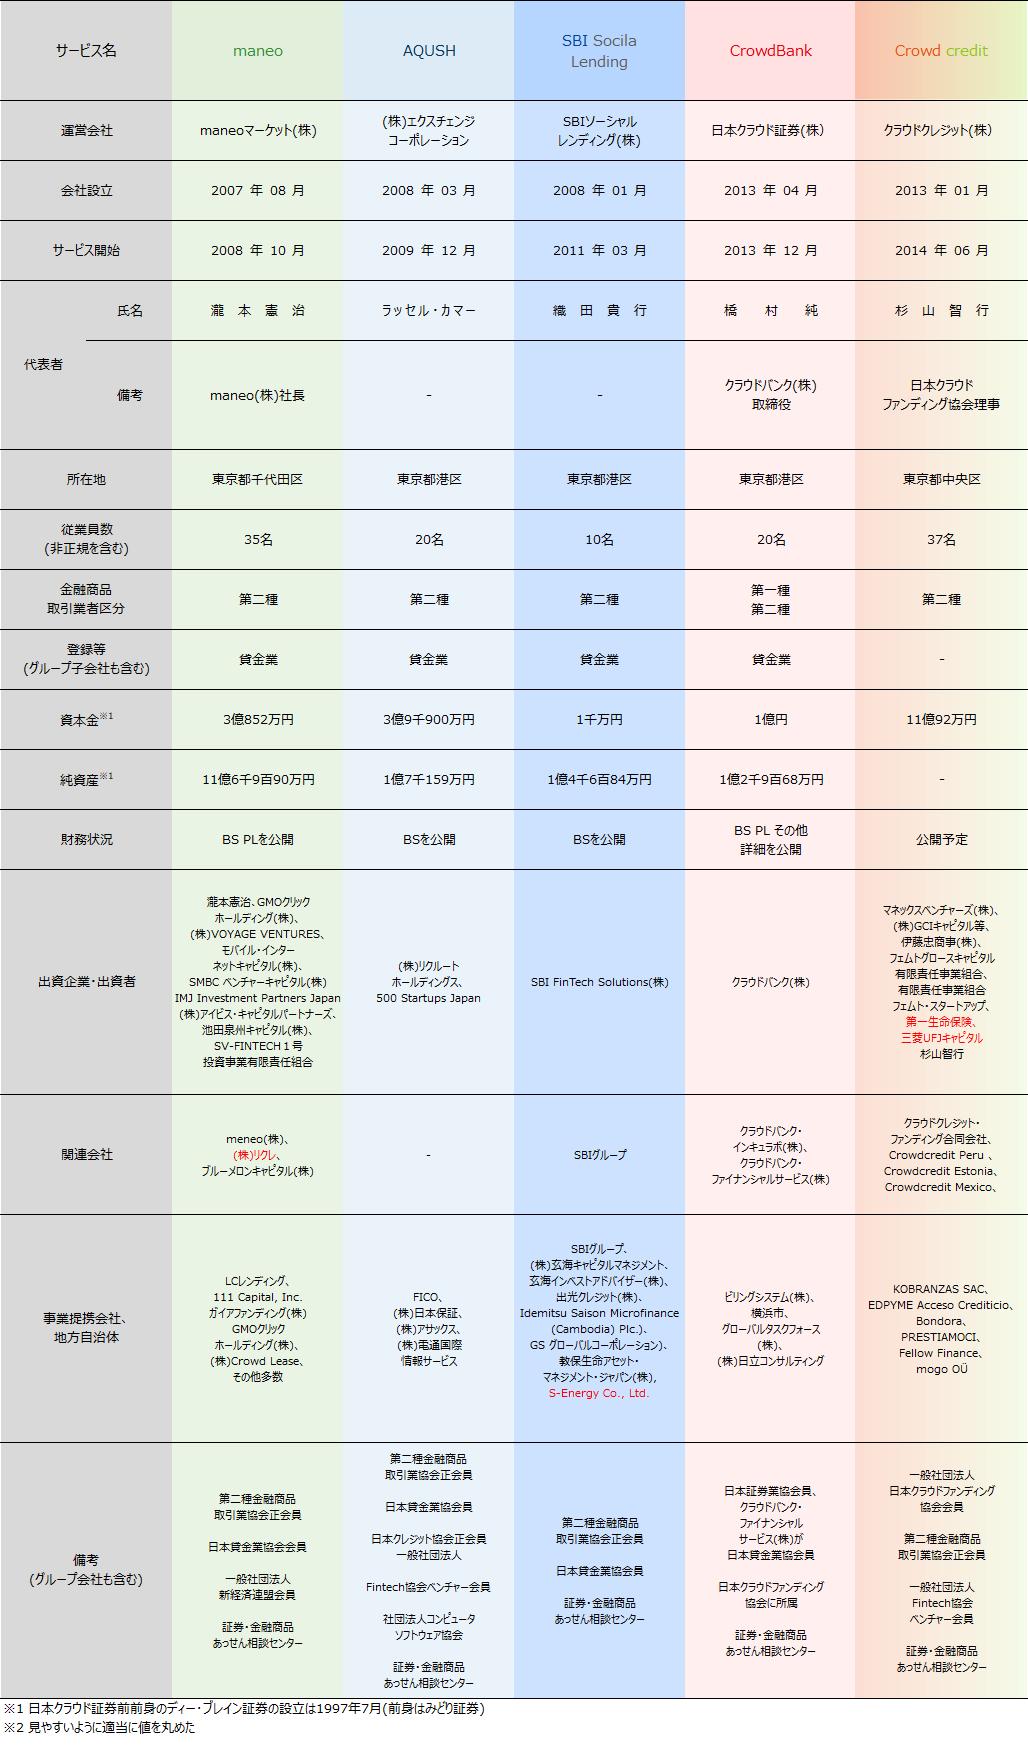 01_ソーシャルレンディング業者比較2018年4月